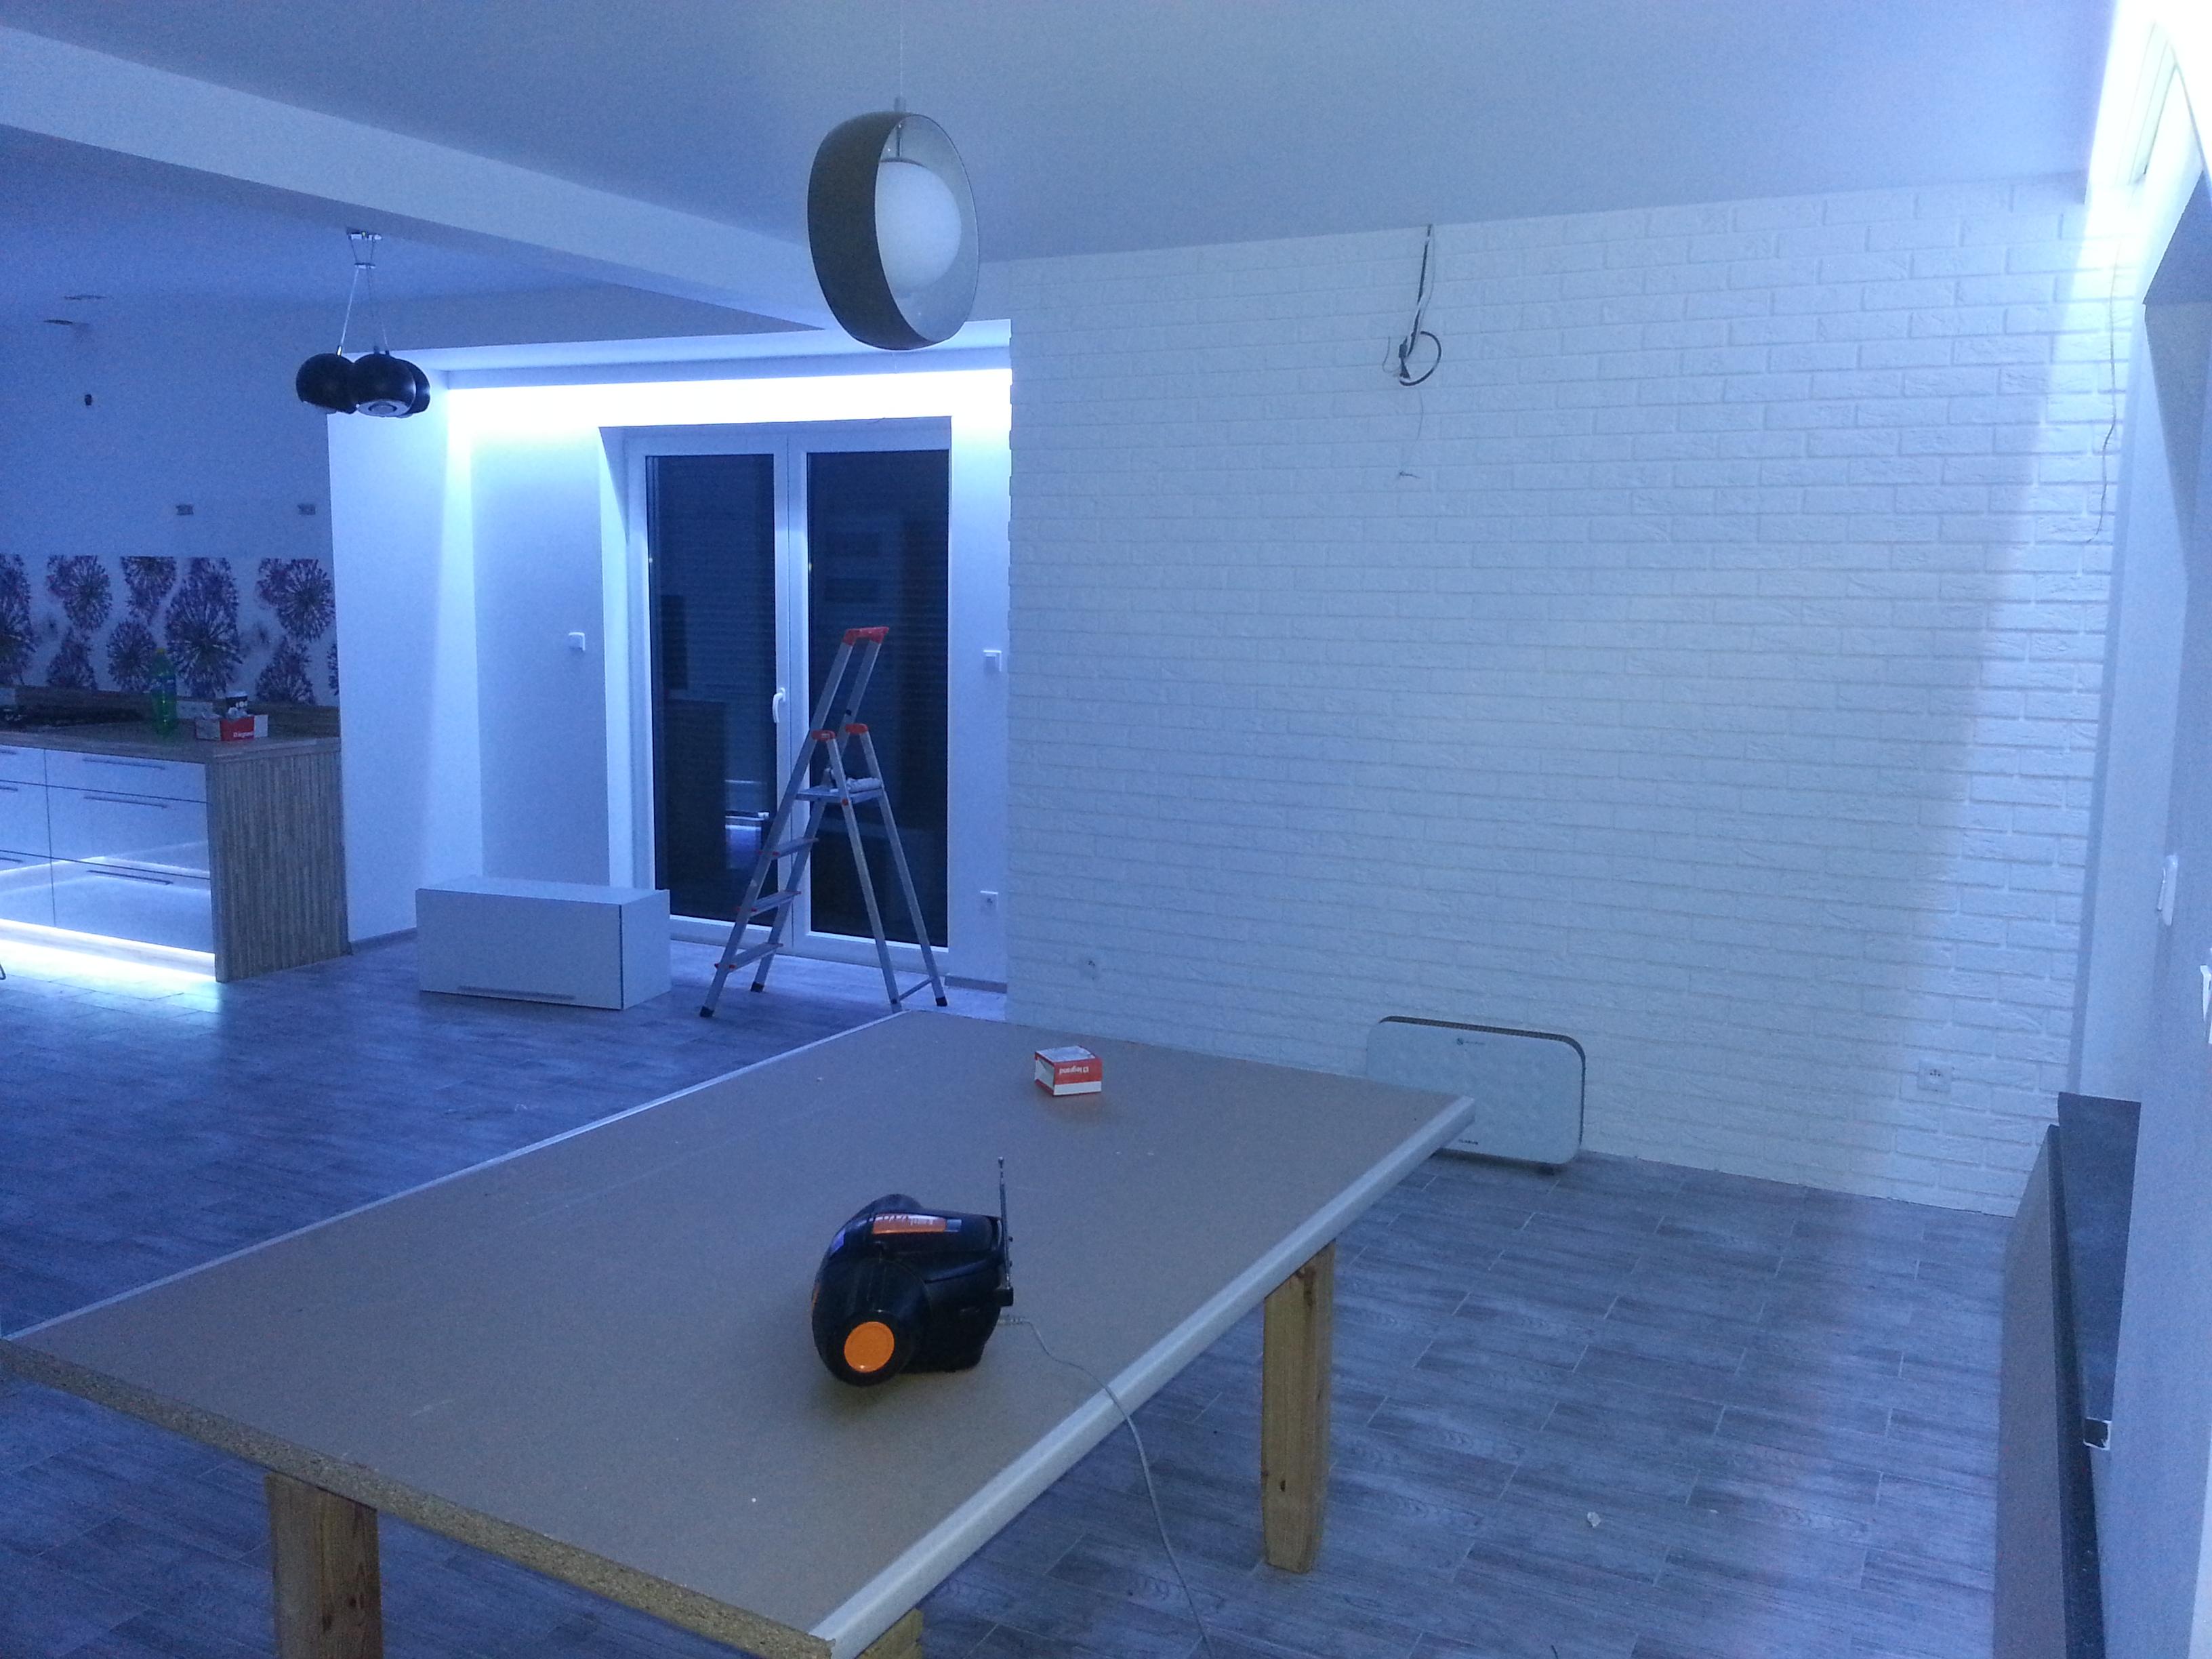 dostosowywanie oświetlenia do potrzeb inteligentny dom